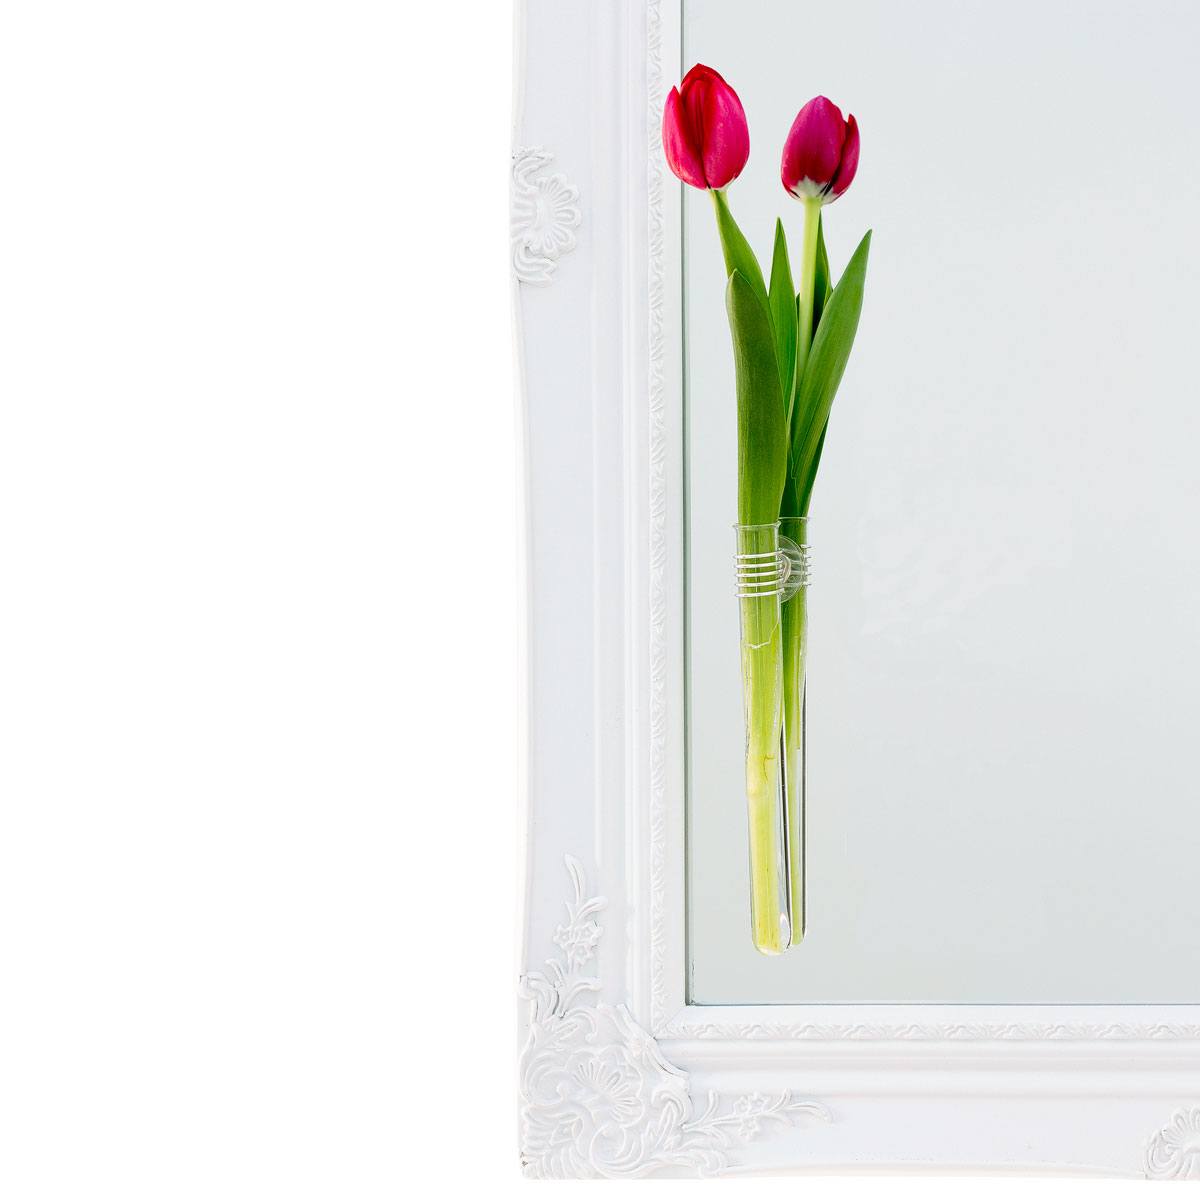 rosie vase mit saugnapf kaufen corpus delicti design hamburg wir machen geschenke. Black Bedroom Furniture Sets. Home Design Ideas